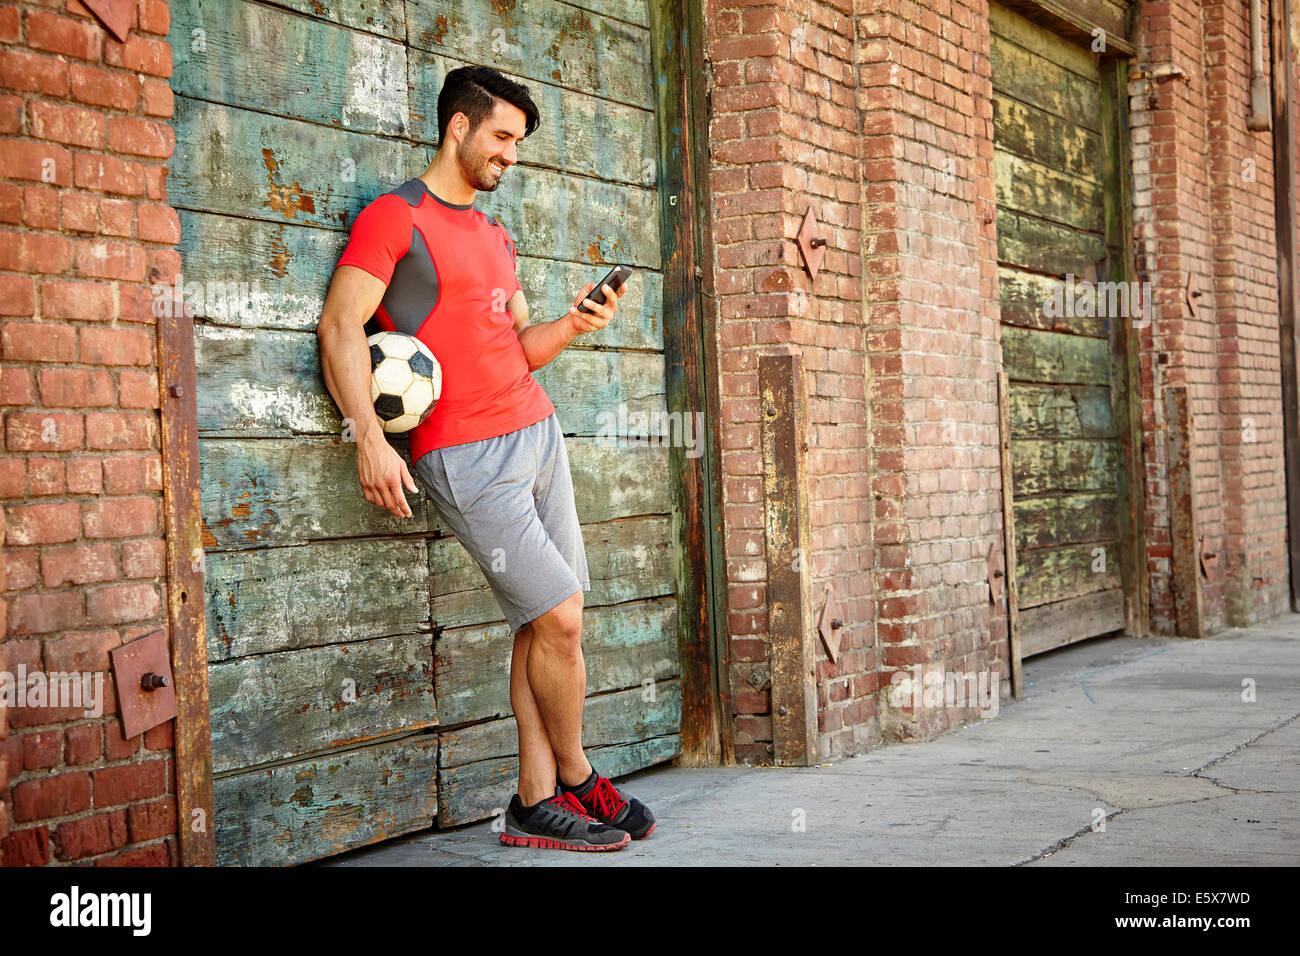 Maschio giovane giocatore di calcio texting sullo smartphone Immagini Stock